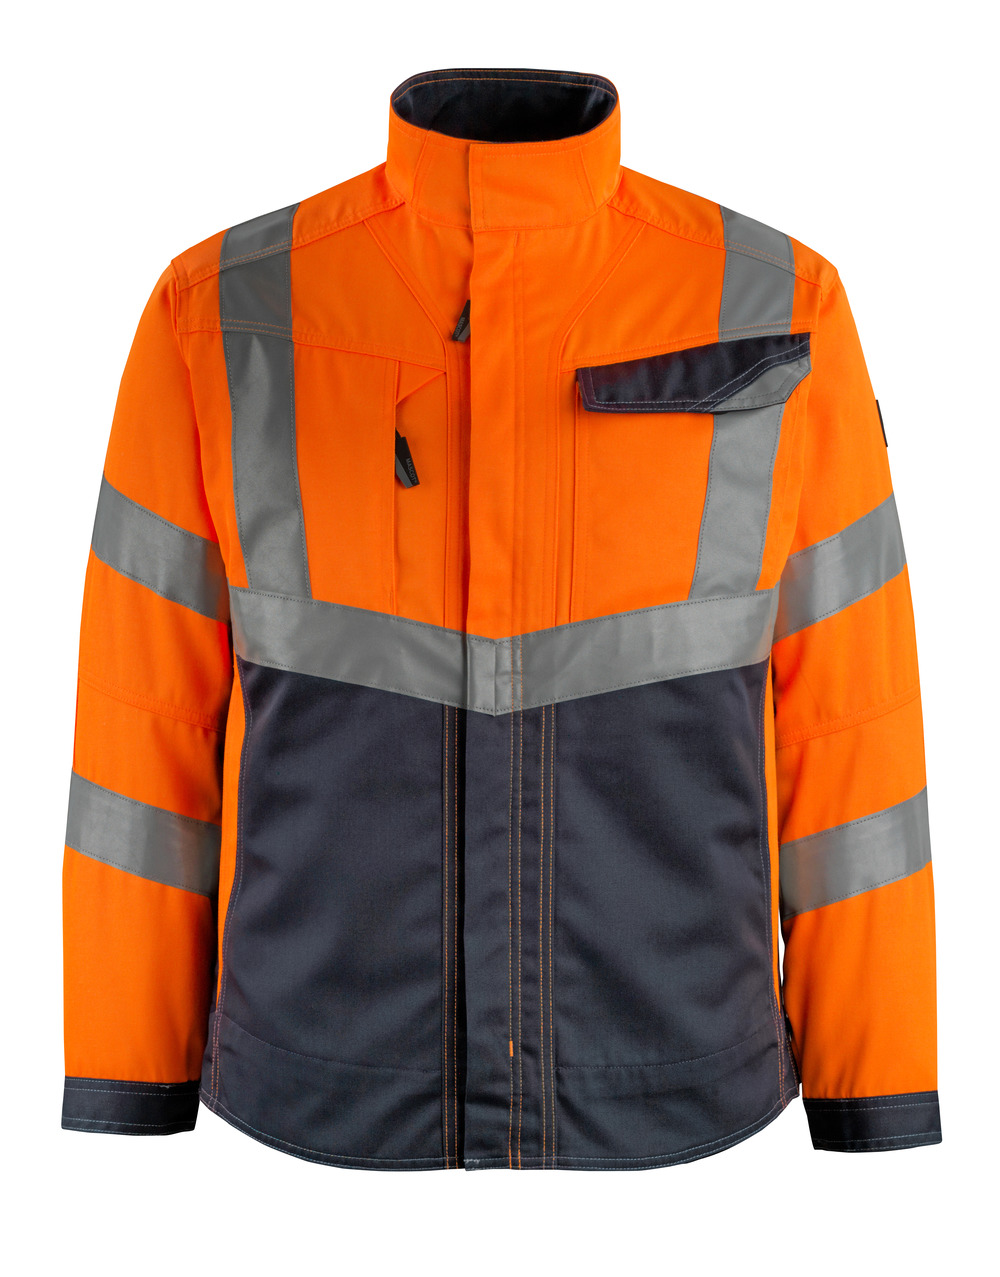 15509-860-14010 Takki - hi-vis oranssi/tumma laivastonsininen